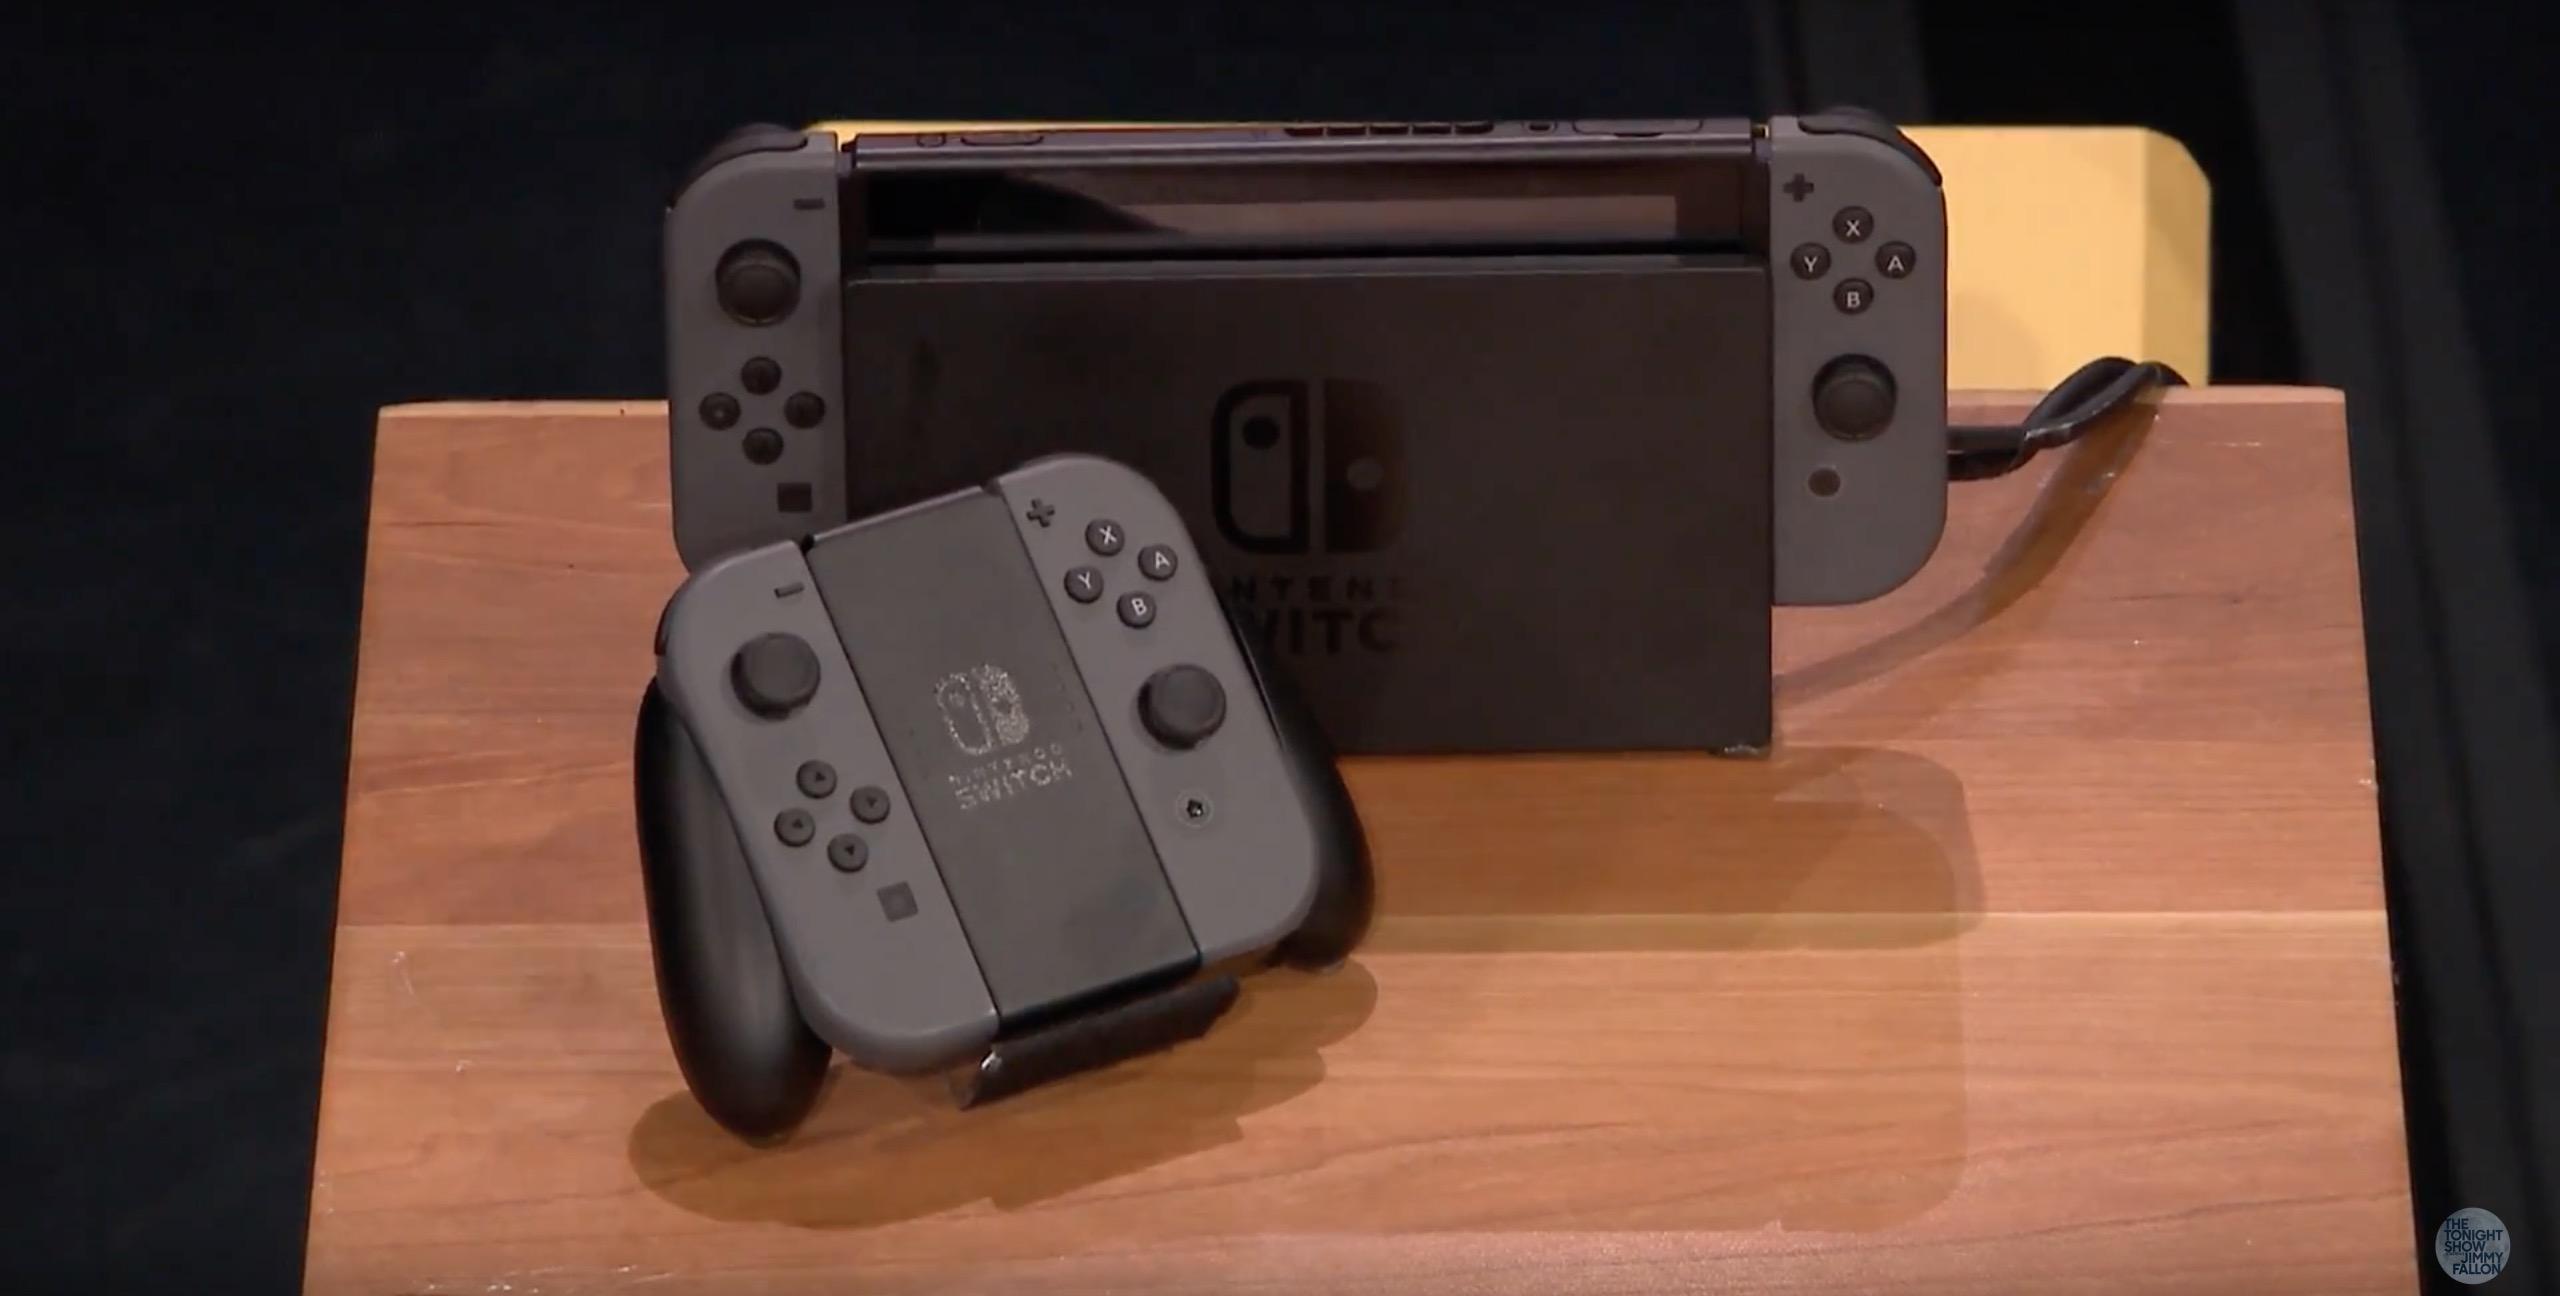 Jimmy Fallon przetestował Nintendo Switch. Ależ ten sprzęt świetnie prezentuje sięw akcji!